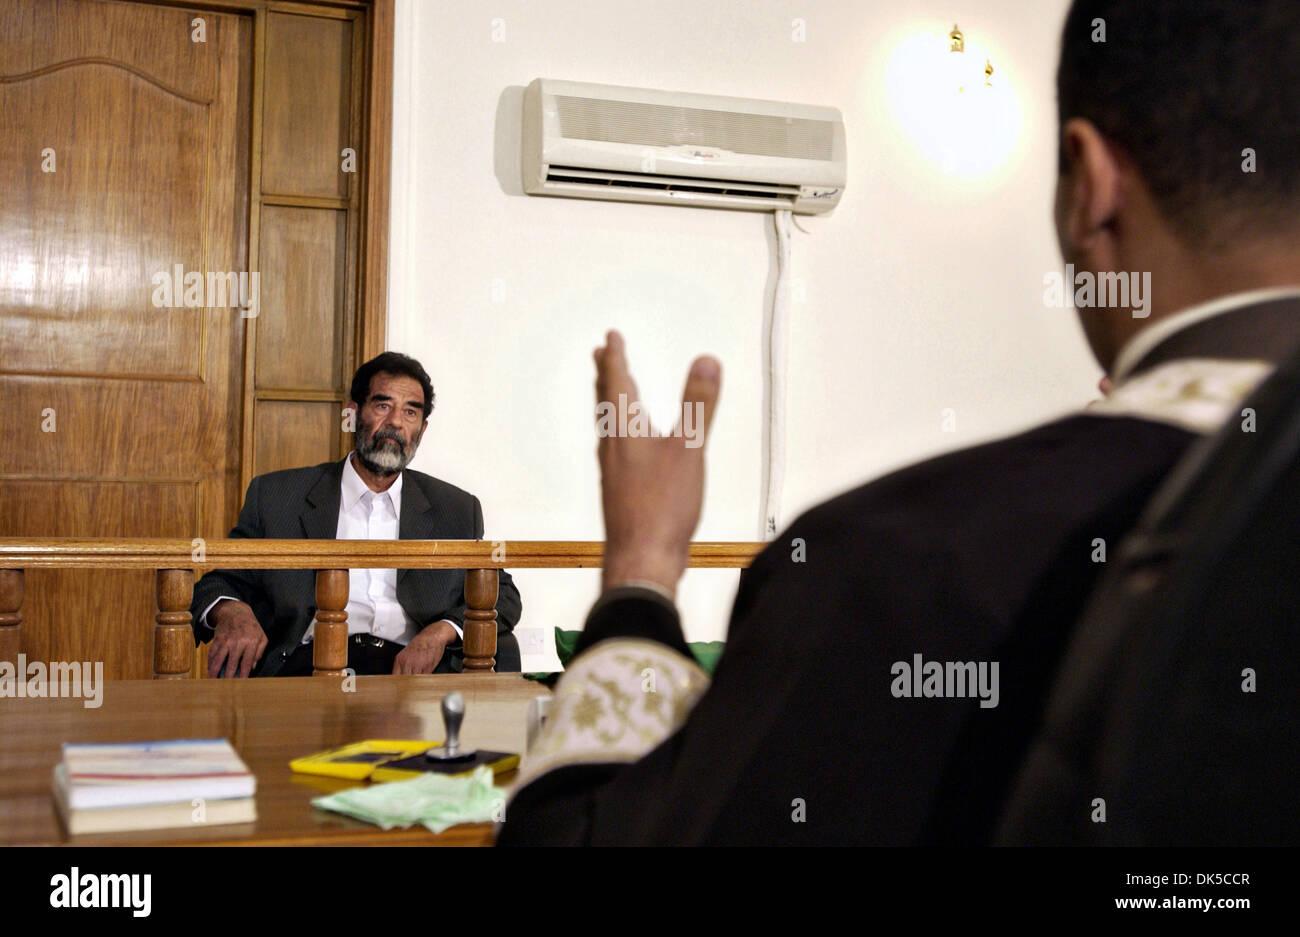 Der ehemalige Präsident des Irak, Saddam Hussein Gesten in seinem ersten Interview durch ein spezielles Tribunal nach Juli 2004 in Bagdad, Irak gefangen genommen. Stockbild